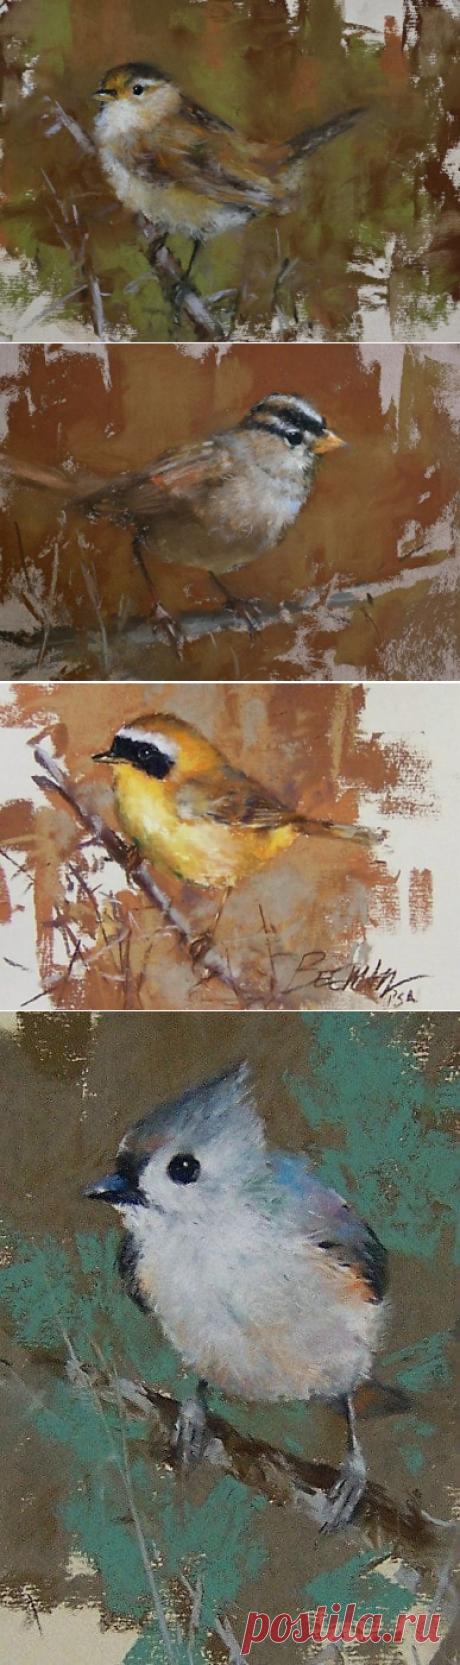 Птицы в пастельной живописи художника Майка Бимана